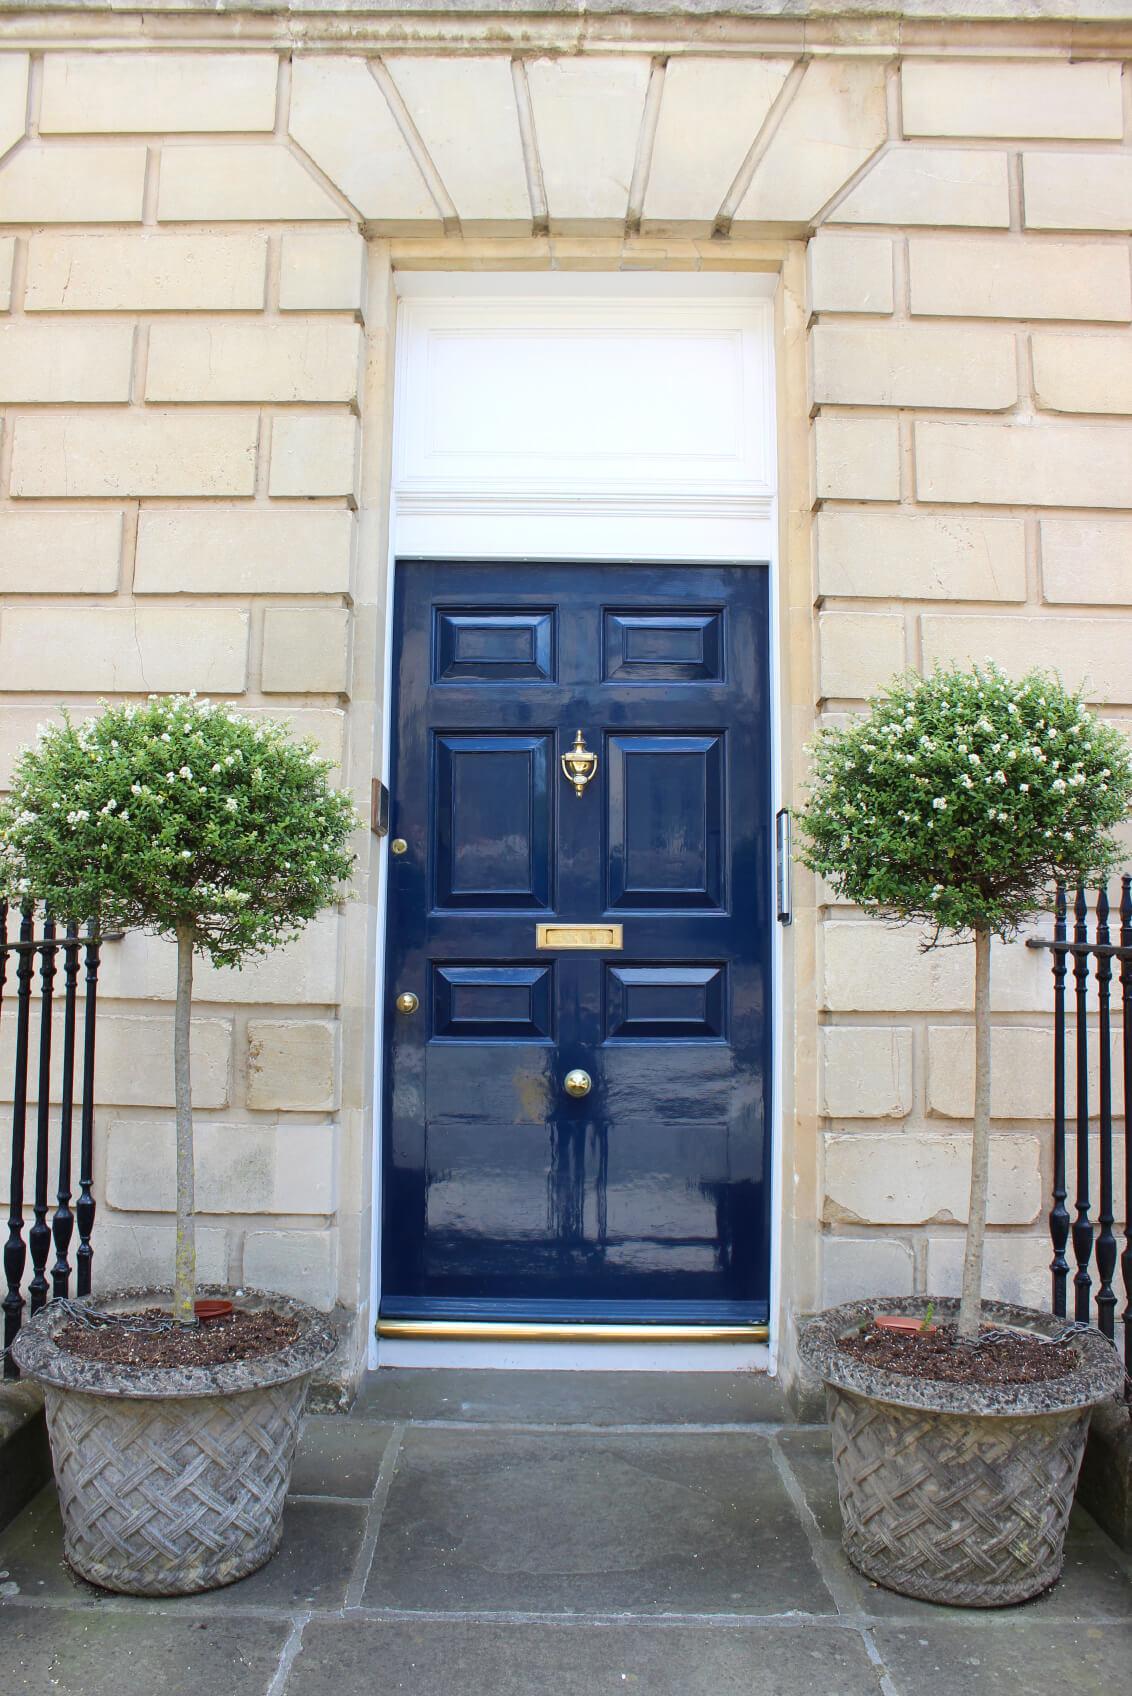 8 Warna Tepat Untuk Pintu Depan Rumah